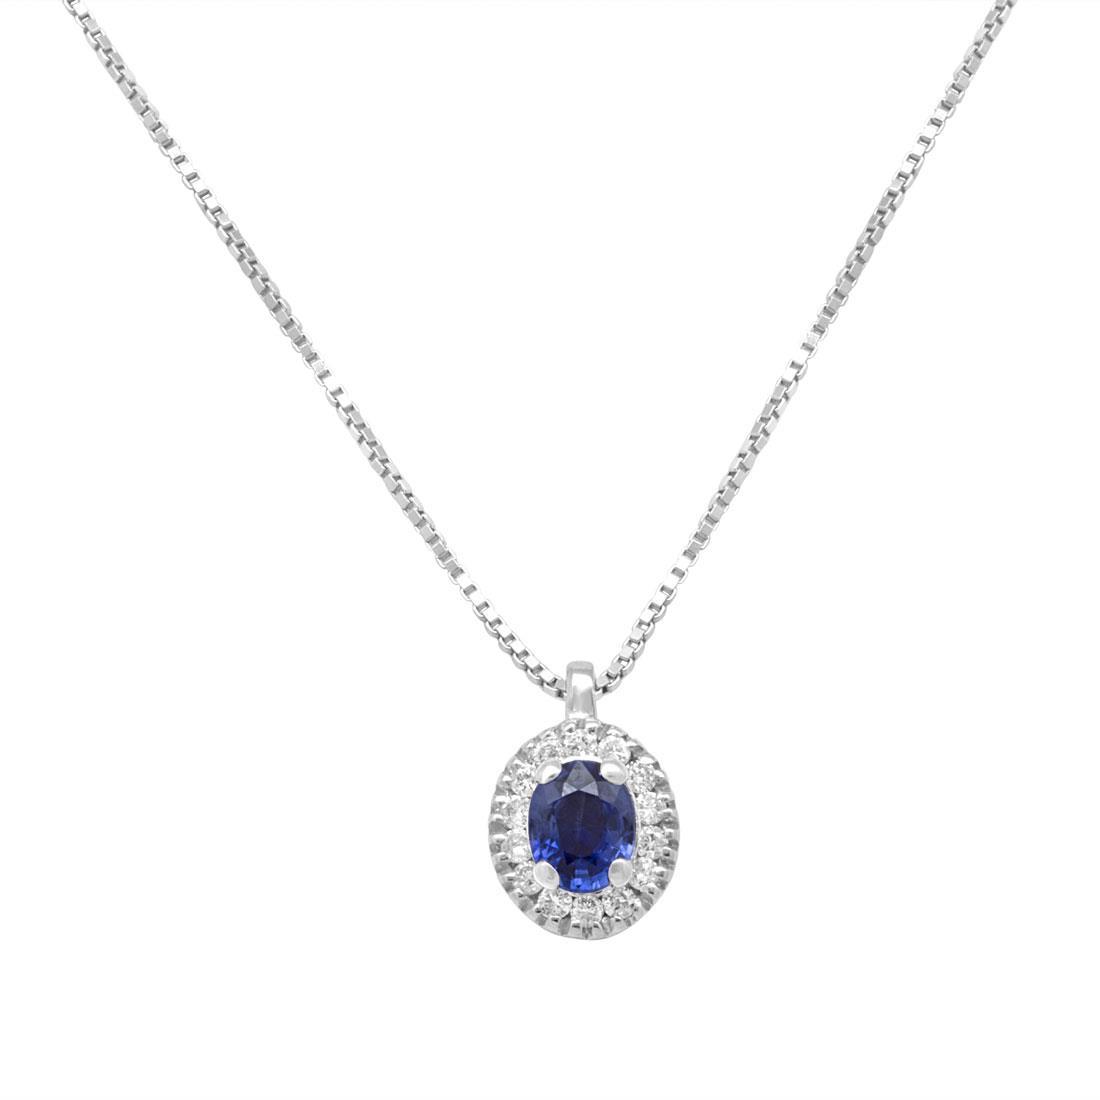 Collana in oro bianco con diamanti e zaffiro ct. 0,22 - ALFIERI ST JOHN